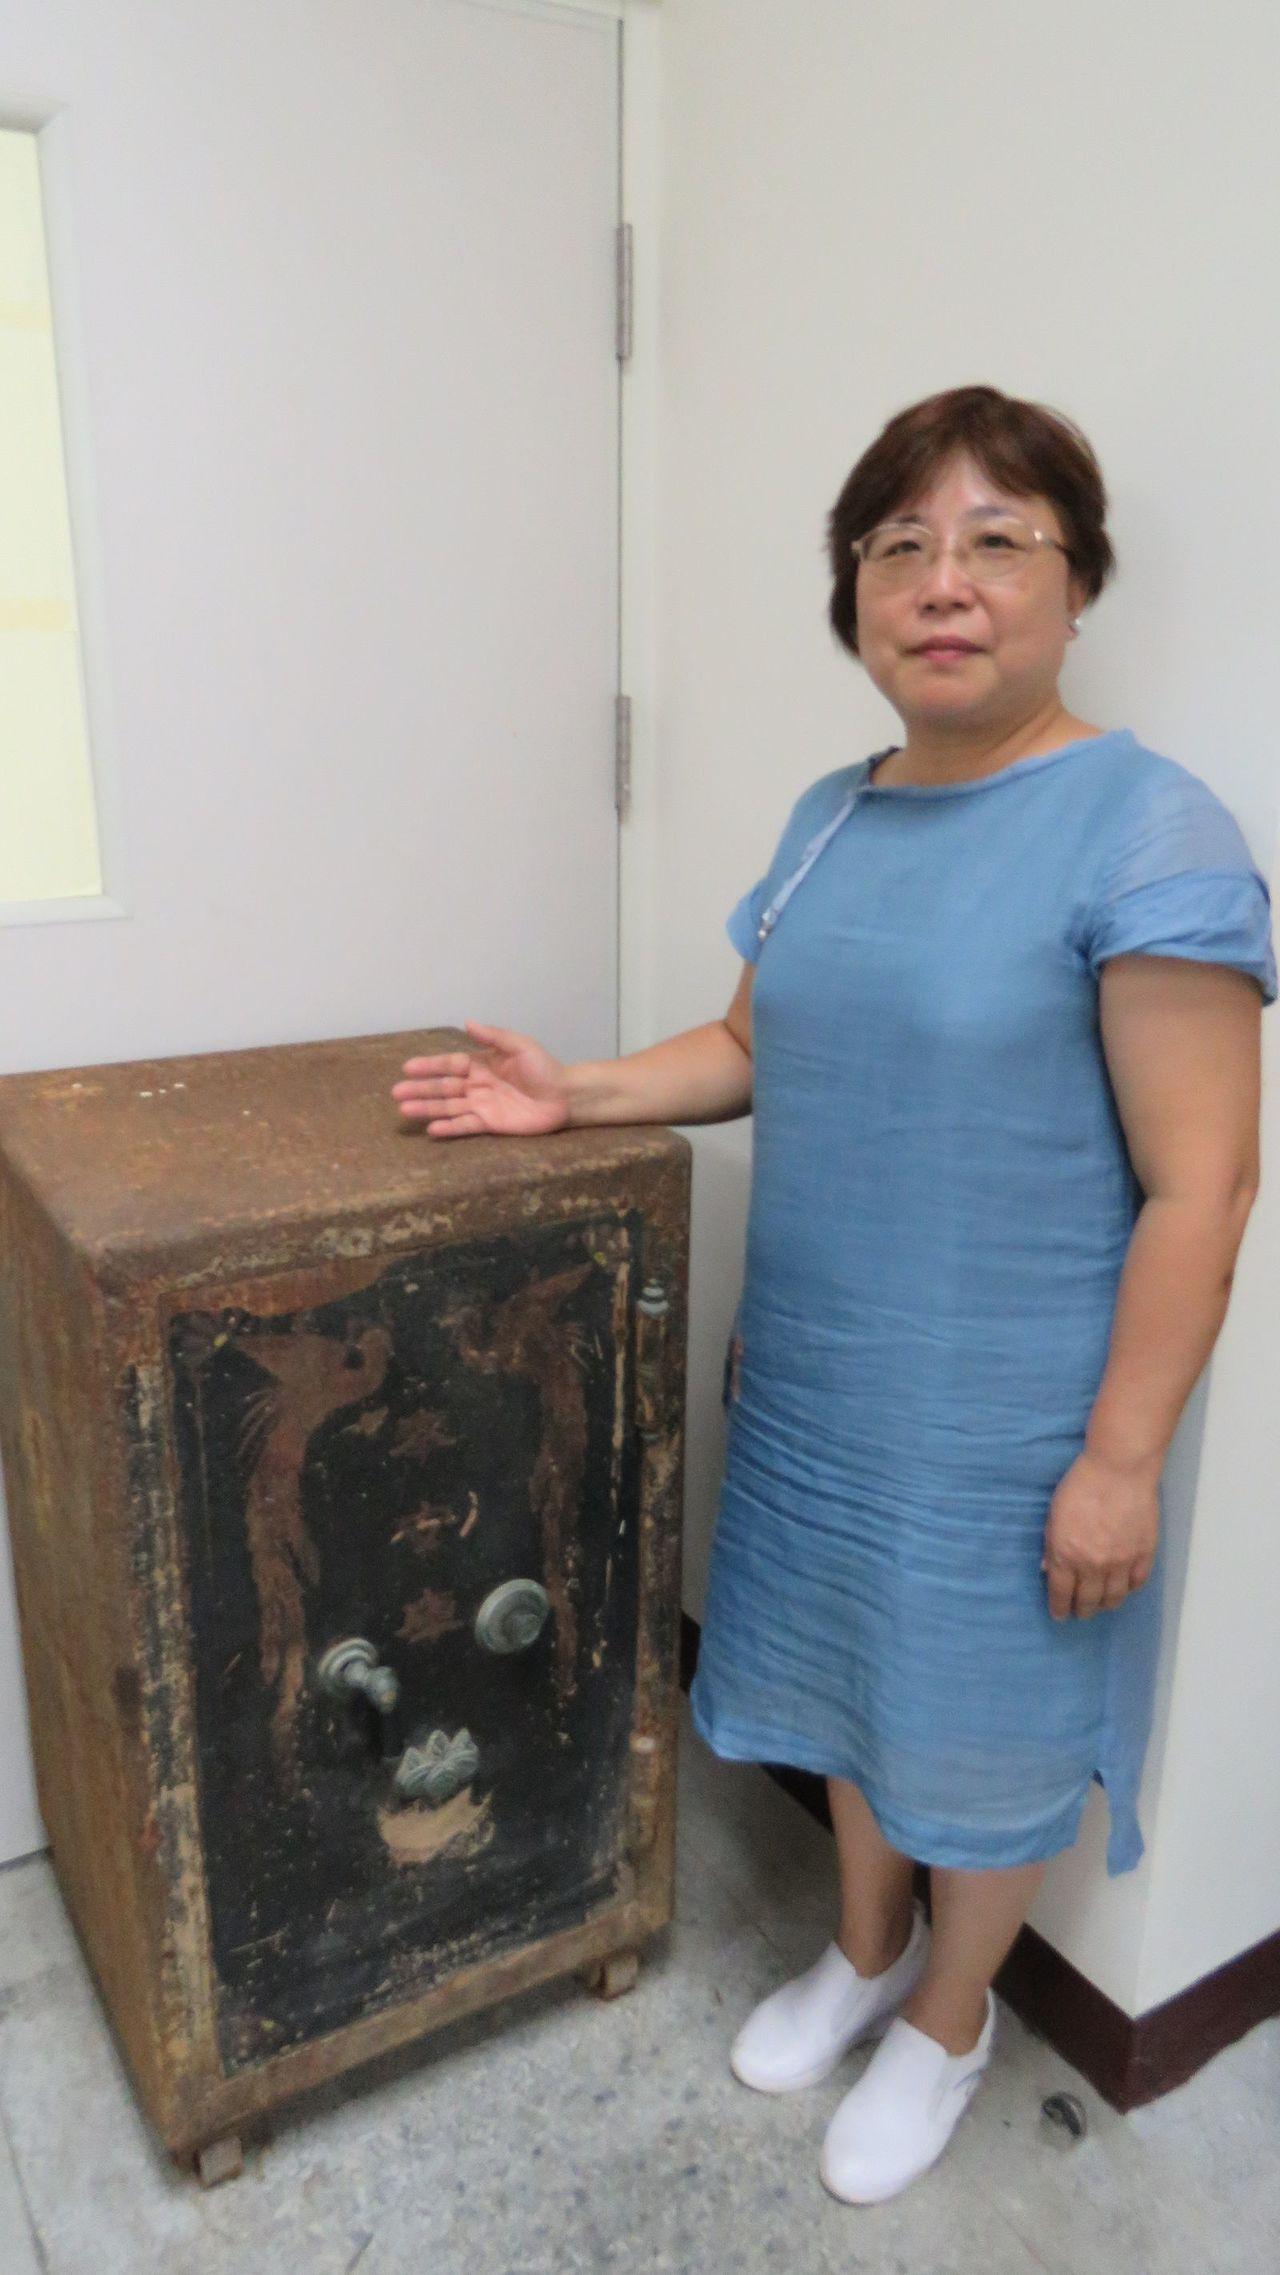 桃園市龍潭國小整理校舍時,找到一座寫有「奉安庫」字樣的古老保險箱,校方徵求開鎖達...